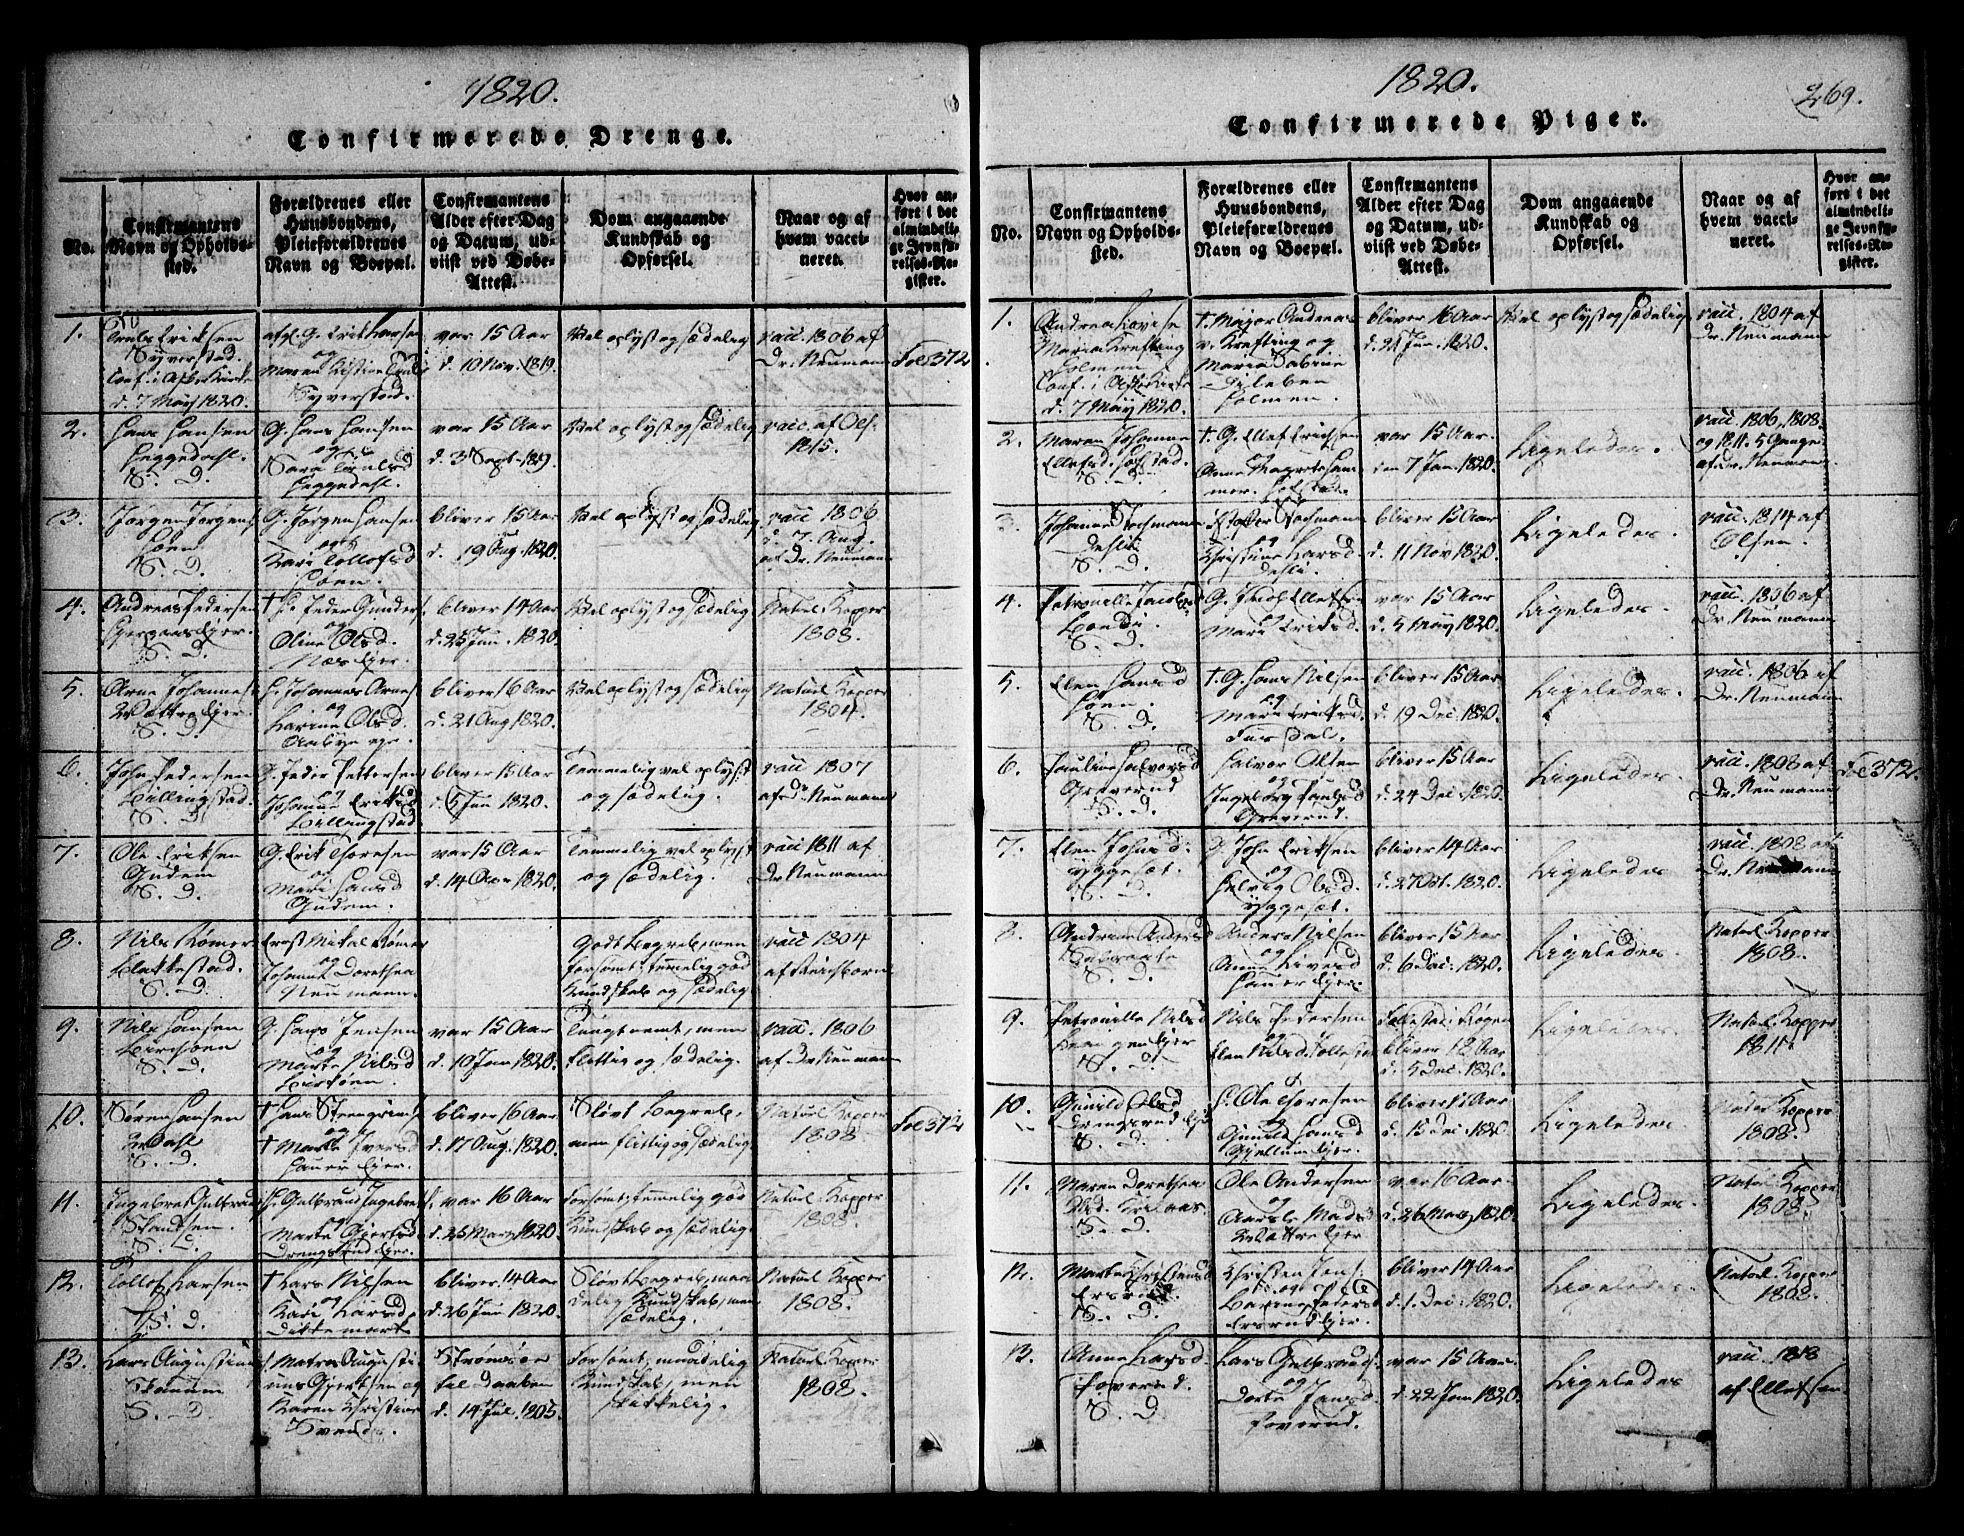 SAO, Asker prestekontor Kirkebøker, F/Fa/L0006: Ministerialbok nr. I 6, 1814-1824, s. 269